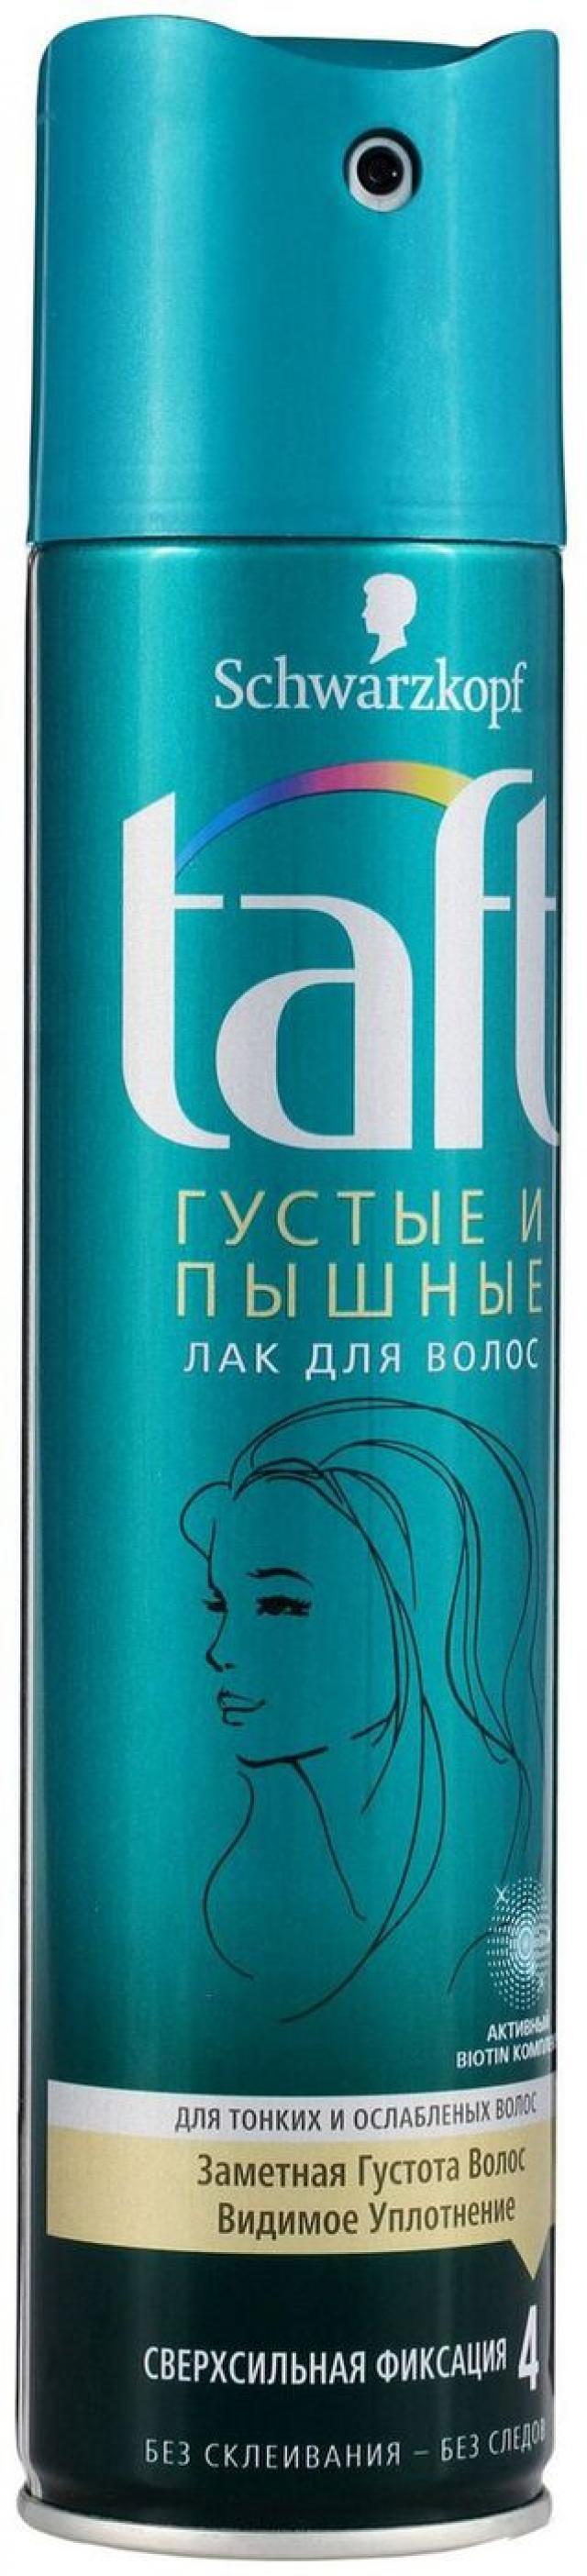 Тафт лак для волос Густые и пышные 225мл купить в Москве по цене от 0 рублей